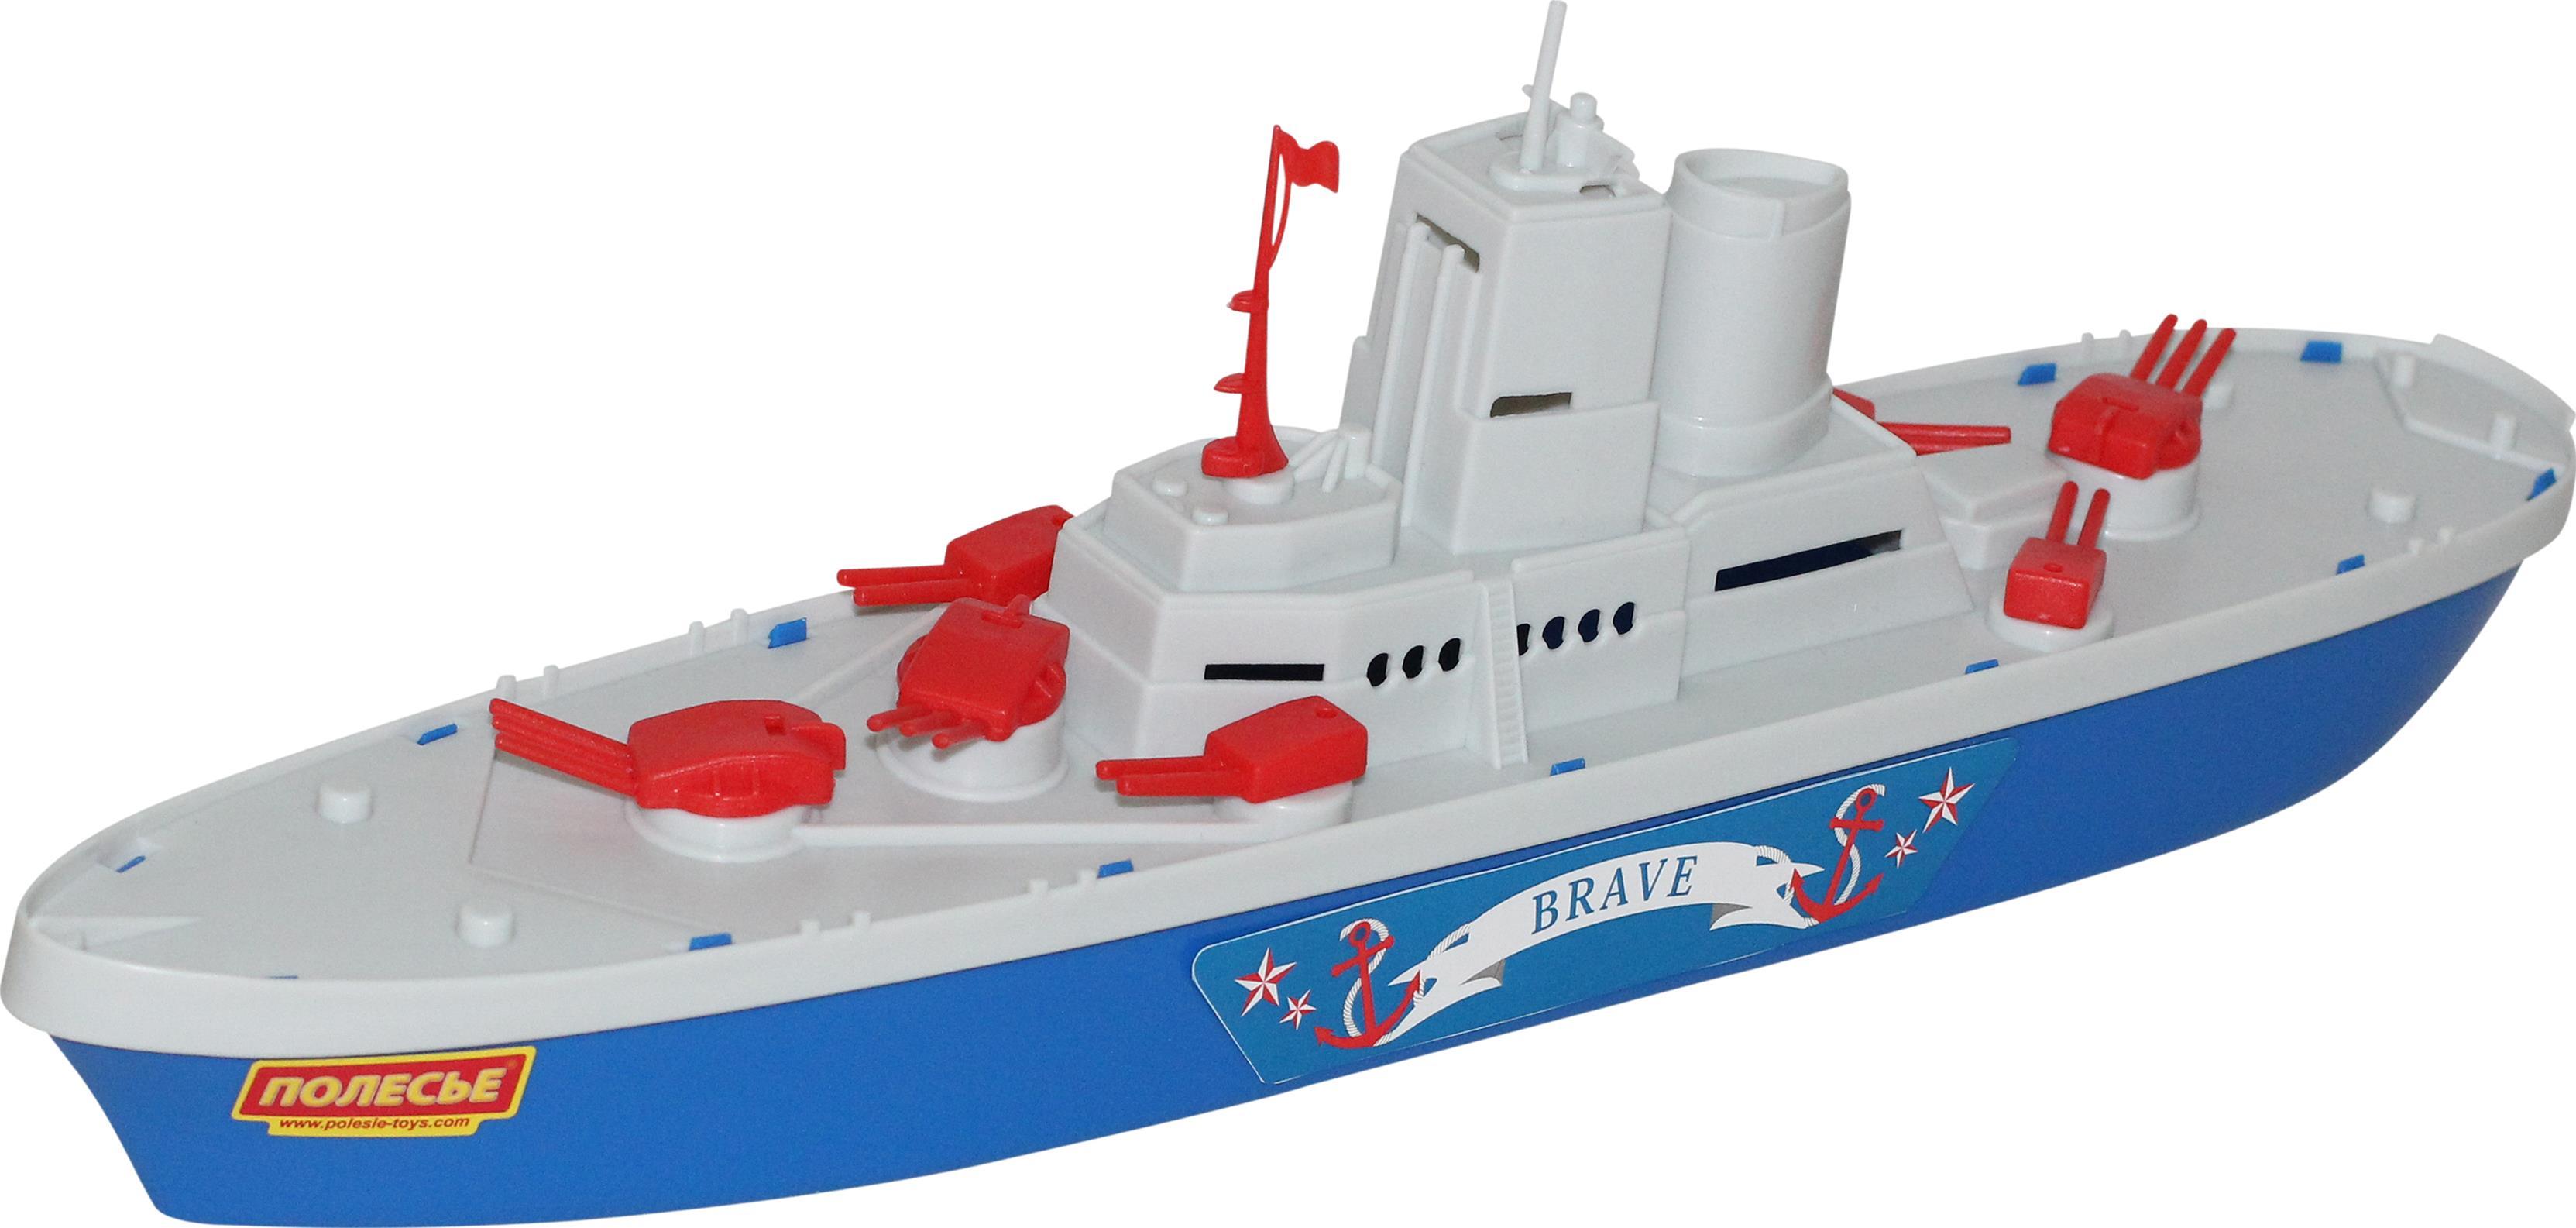 Крейсер Смелый, 47 см.Корабли и катера в ванну<br>Крейсер Смелый, 47 см.<br>